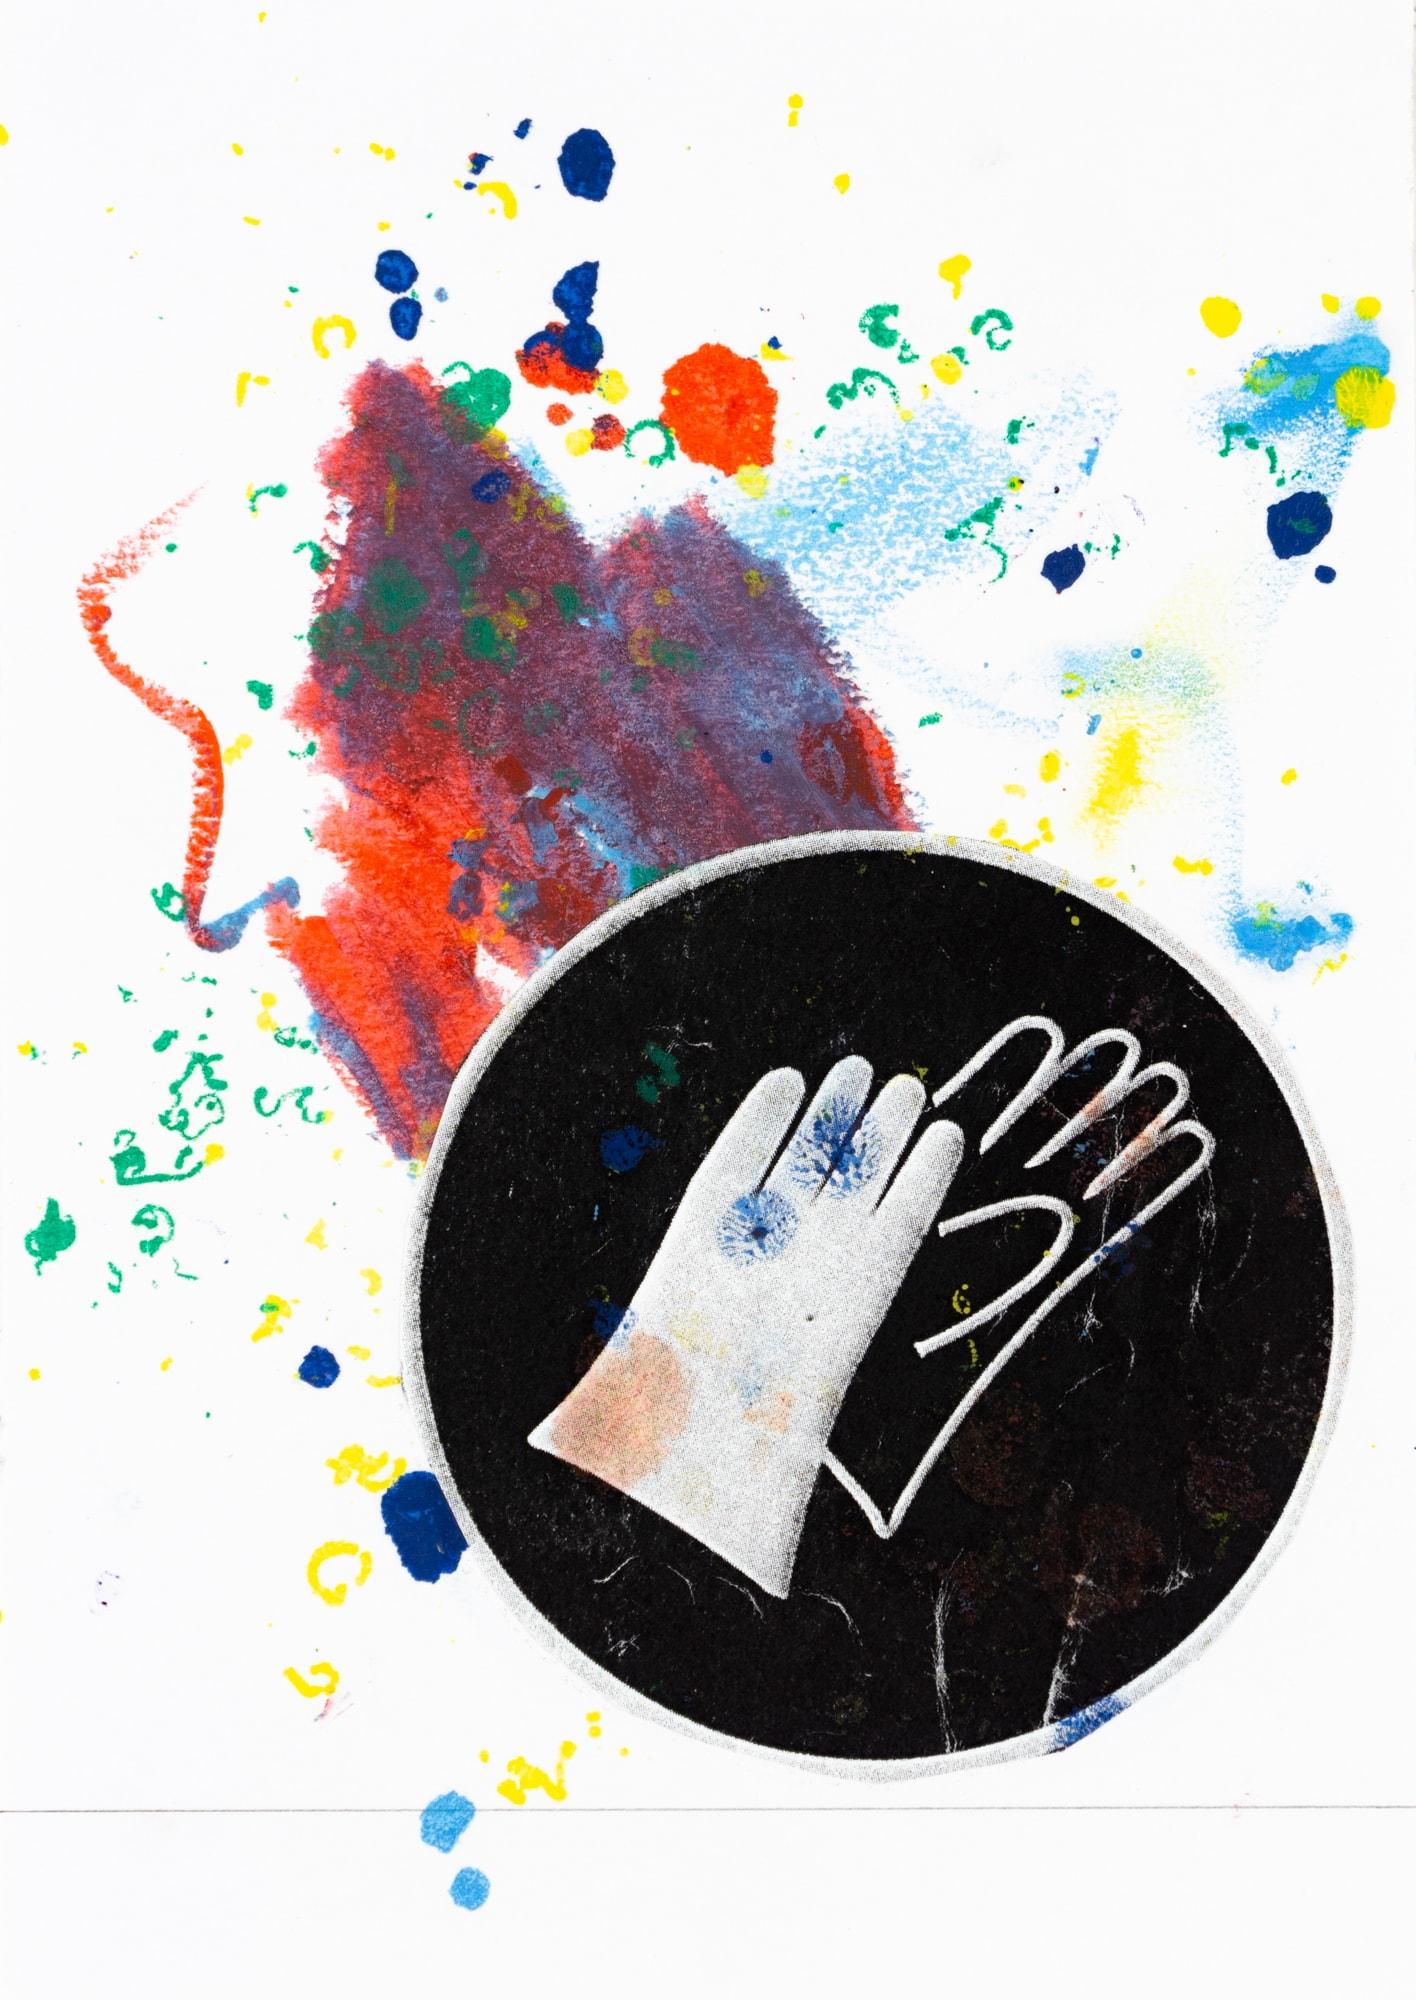 Collage und Ölkreide auf Papier, 21x14,8cm, Collage mit Handschuh, Künstlerin: Franziska King